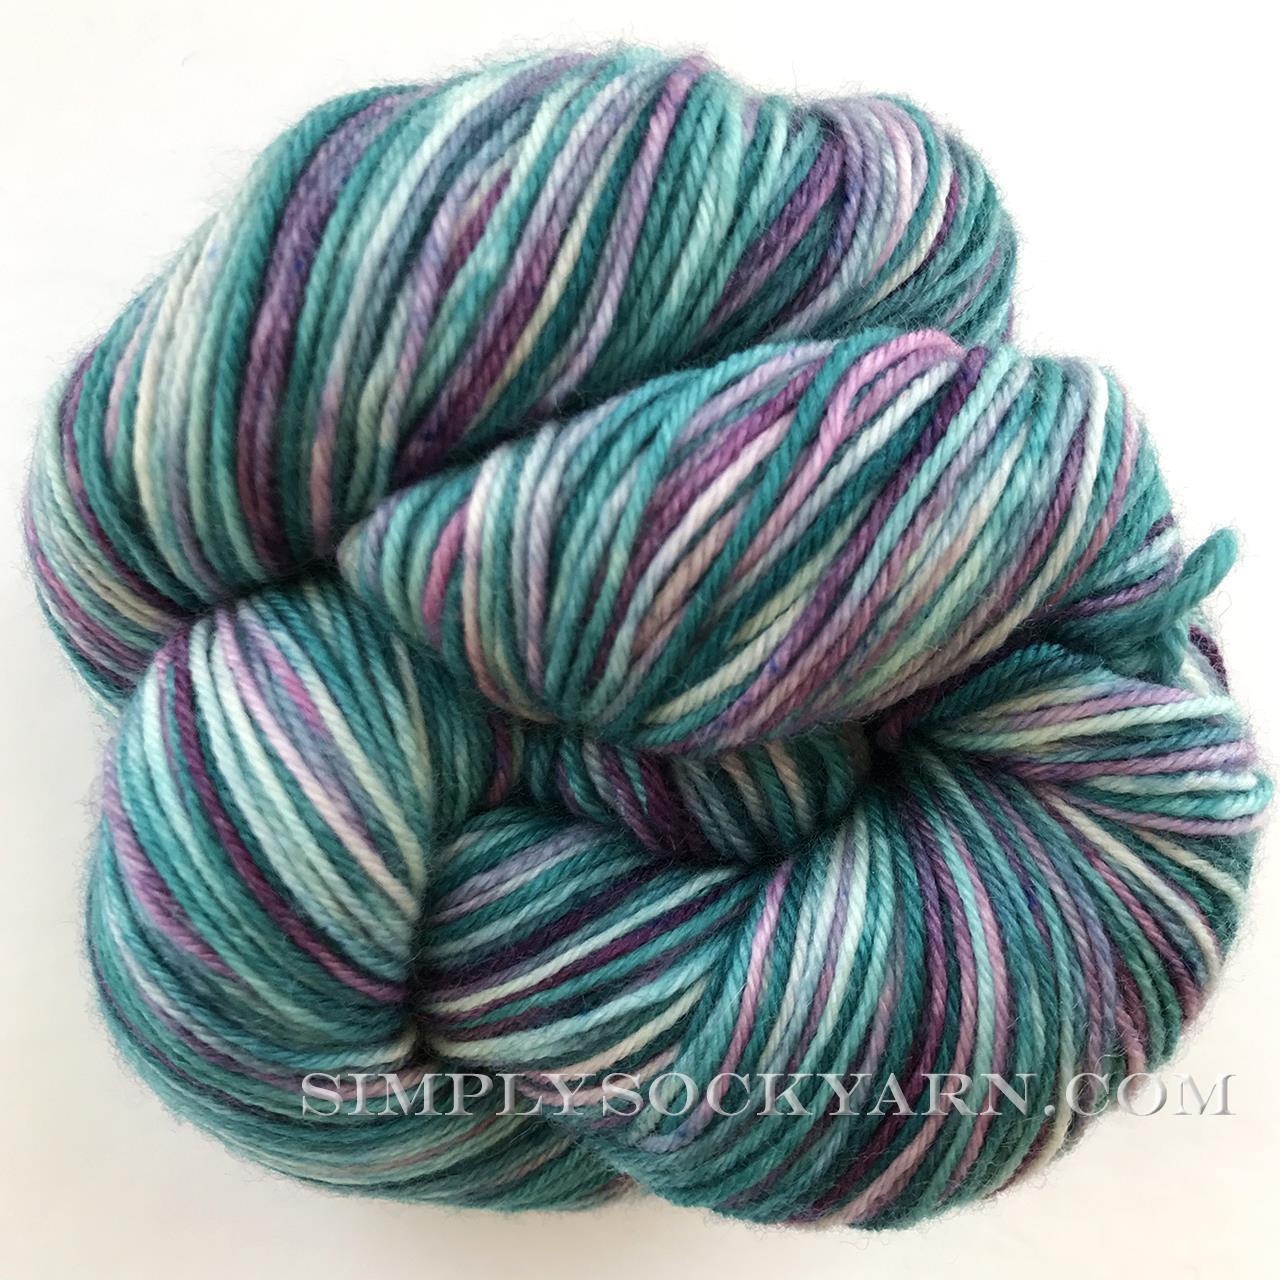 WW Aerten Sock Wood Violets -